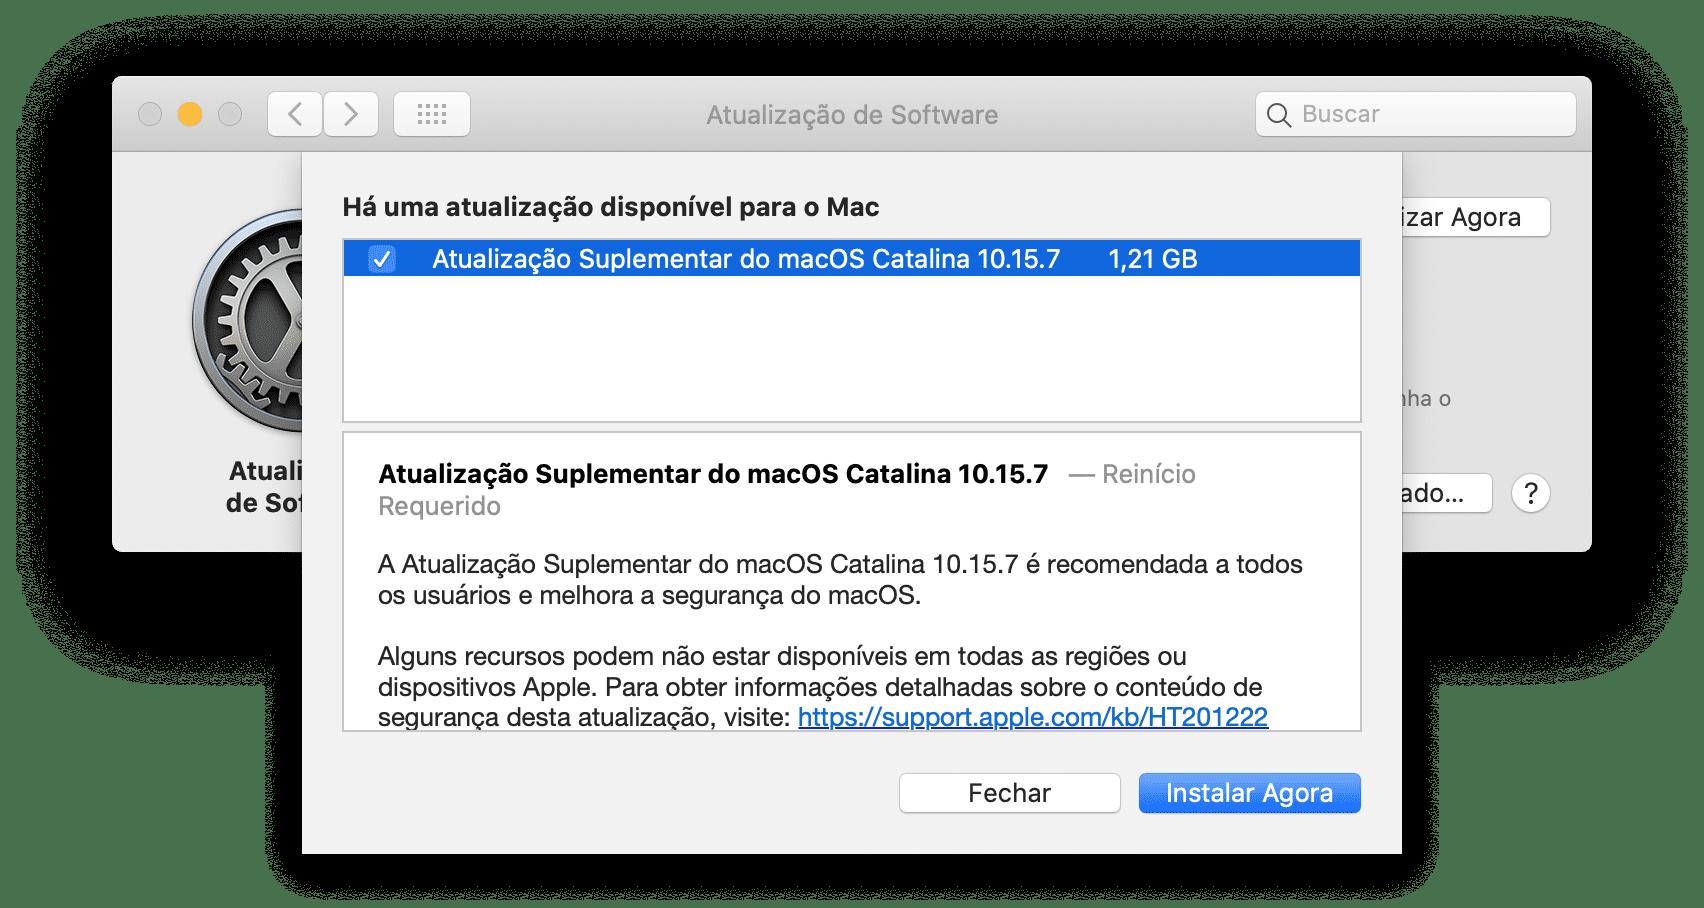 Atualização Suplementar do macOS Catalina 10.15.7